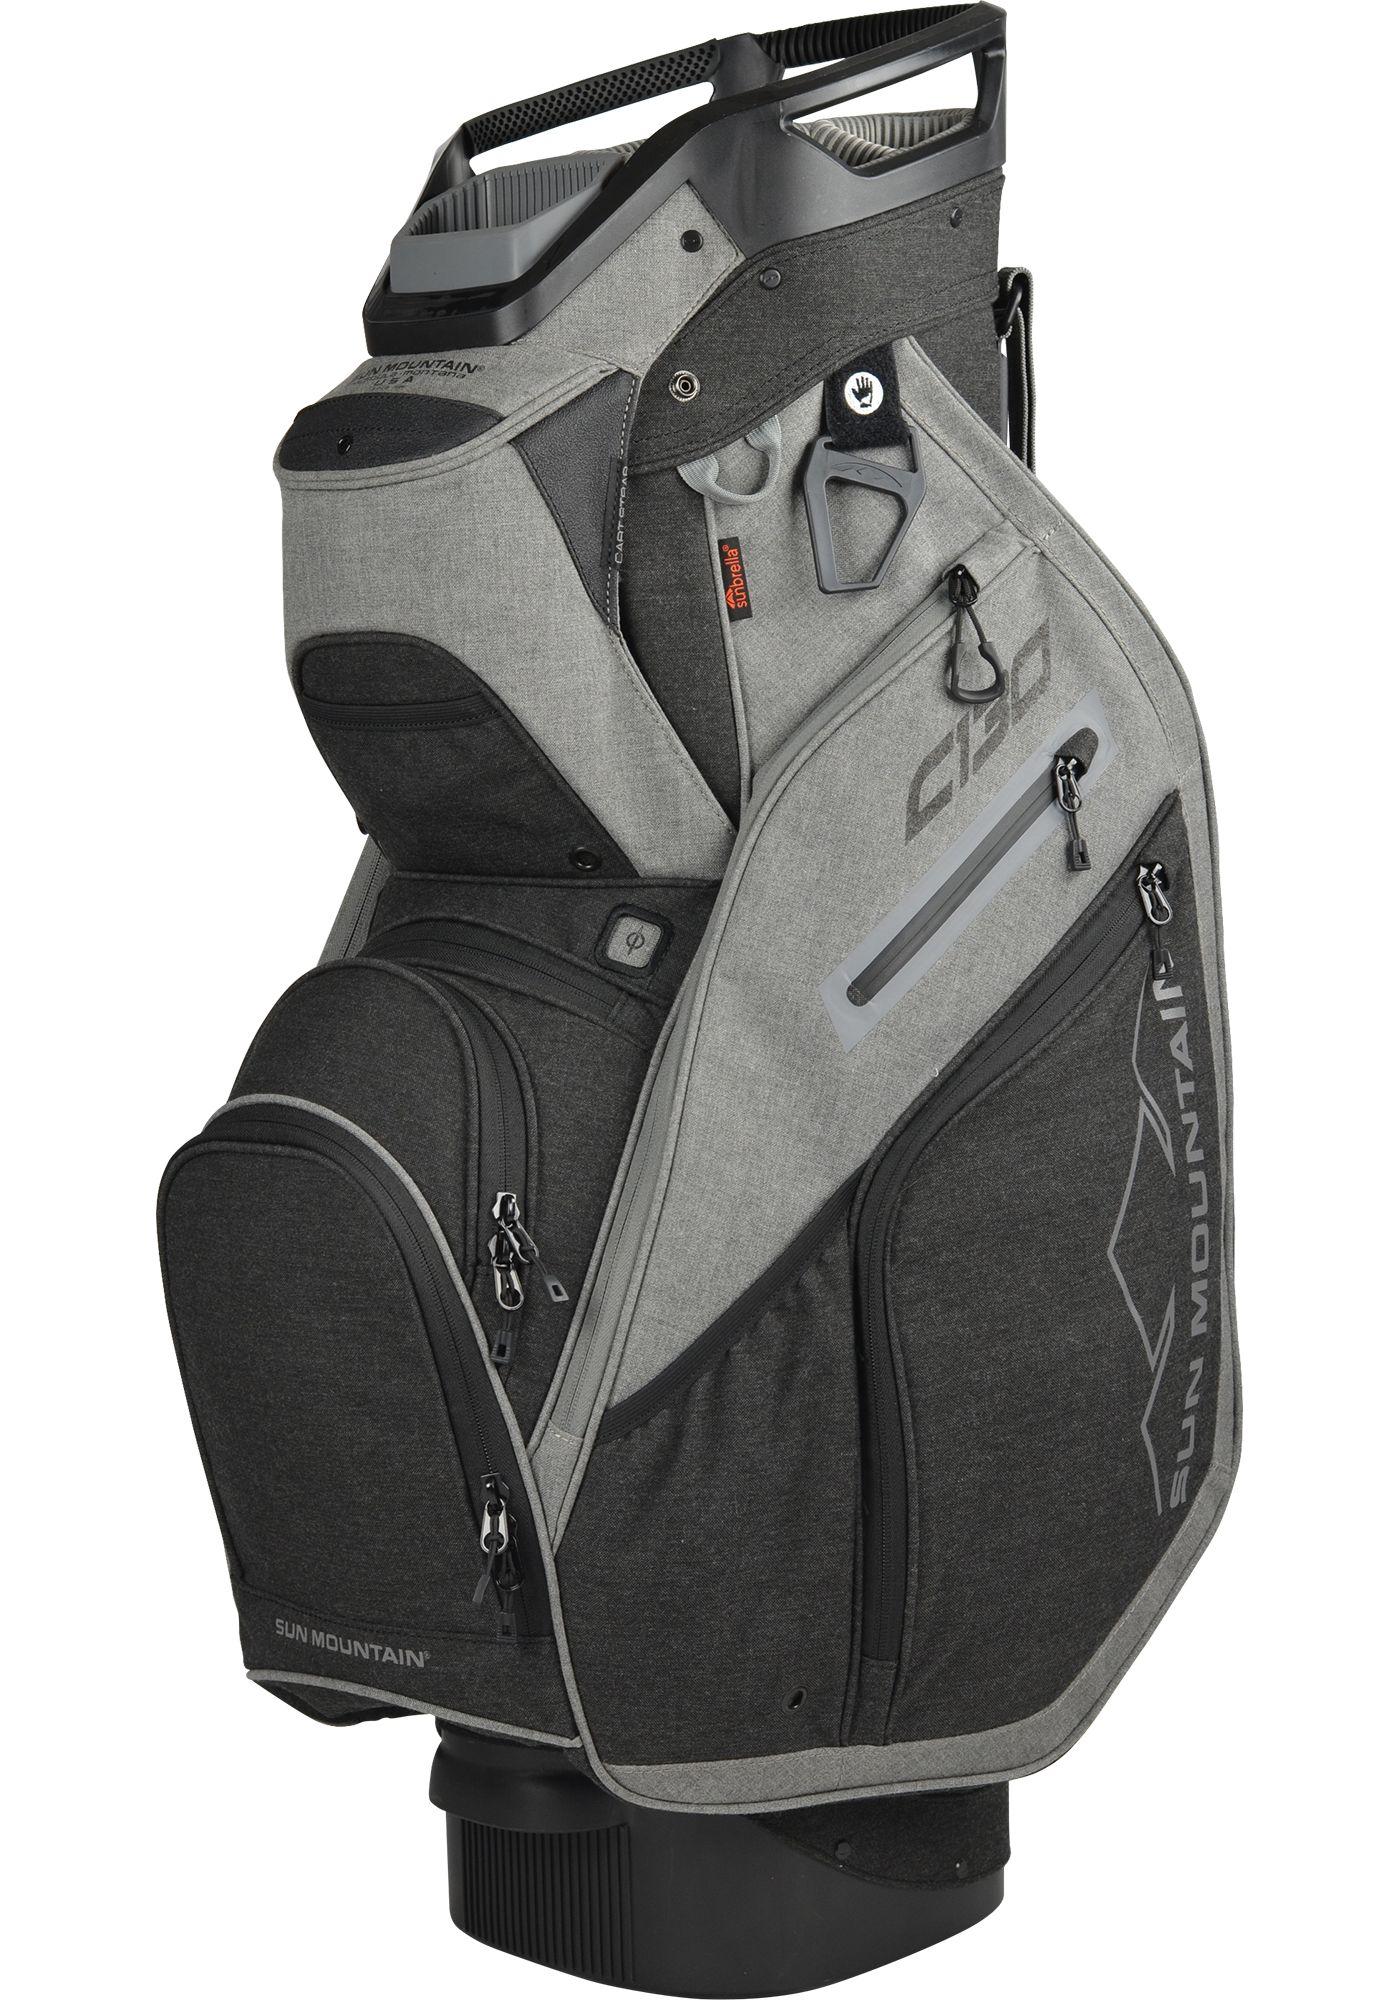 Sun Mountain 2020 C-130 Sunbrella Cart Golf Bag